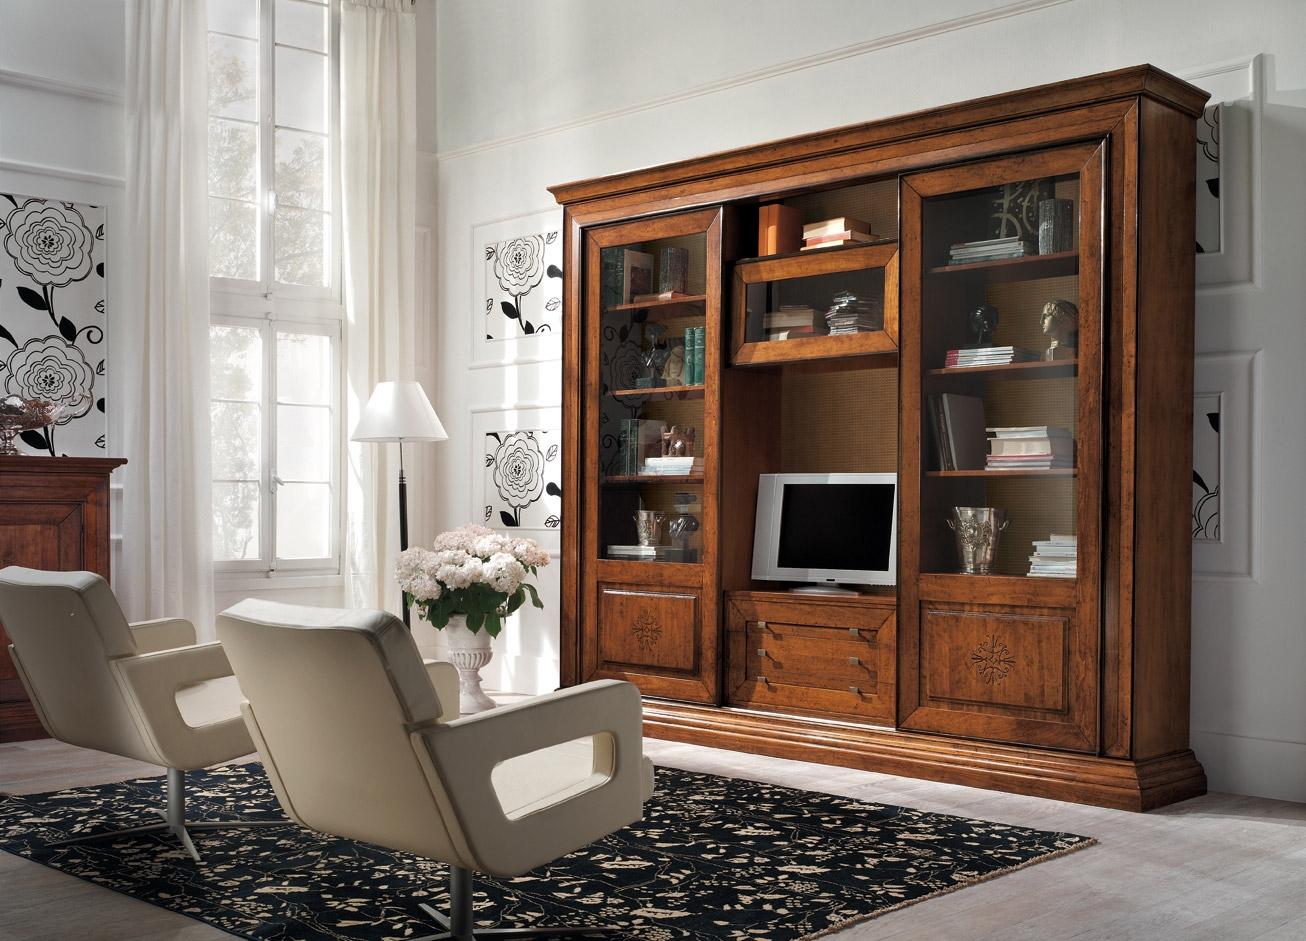 Soggiorno libreria ante scorrevoli intarsiate scontato del for Soggiorno legno